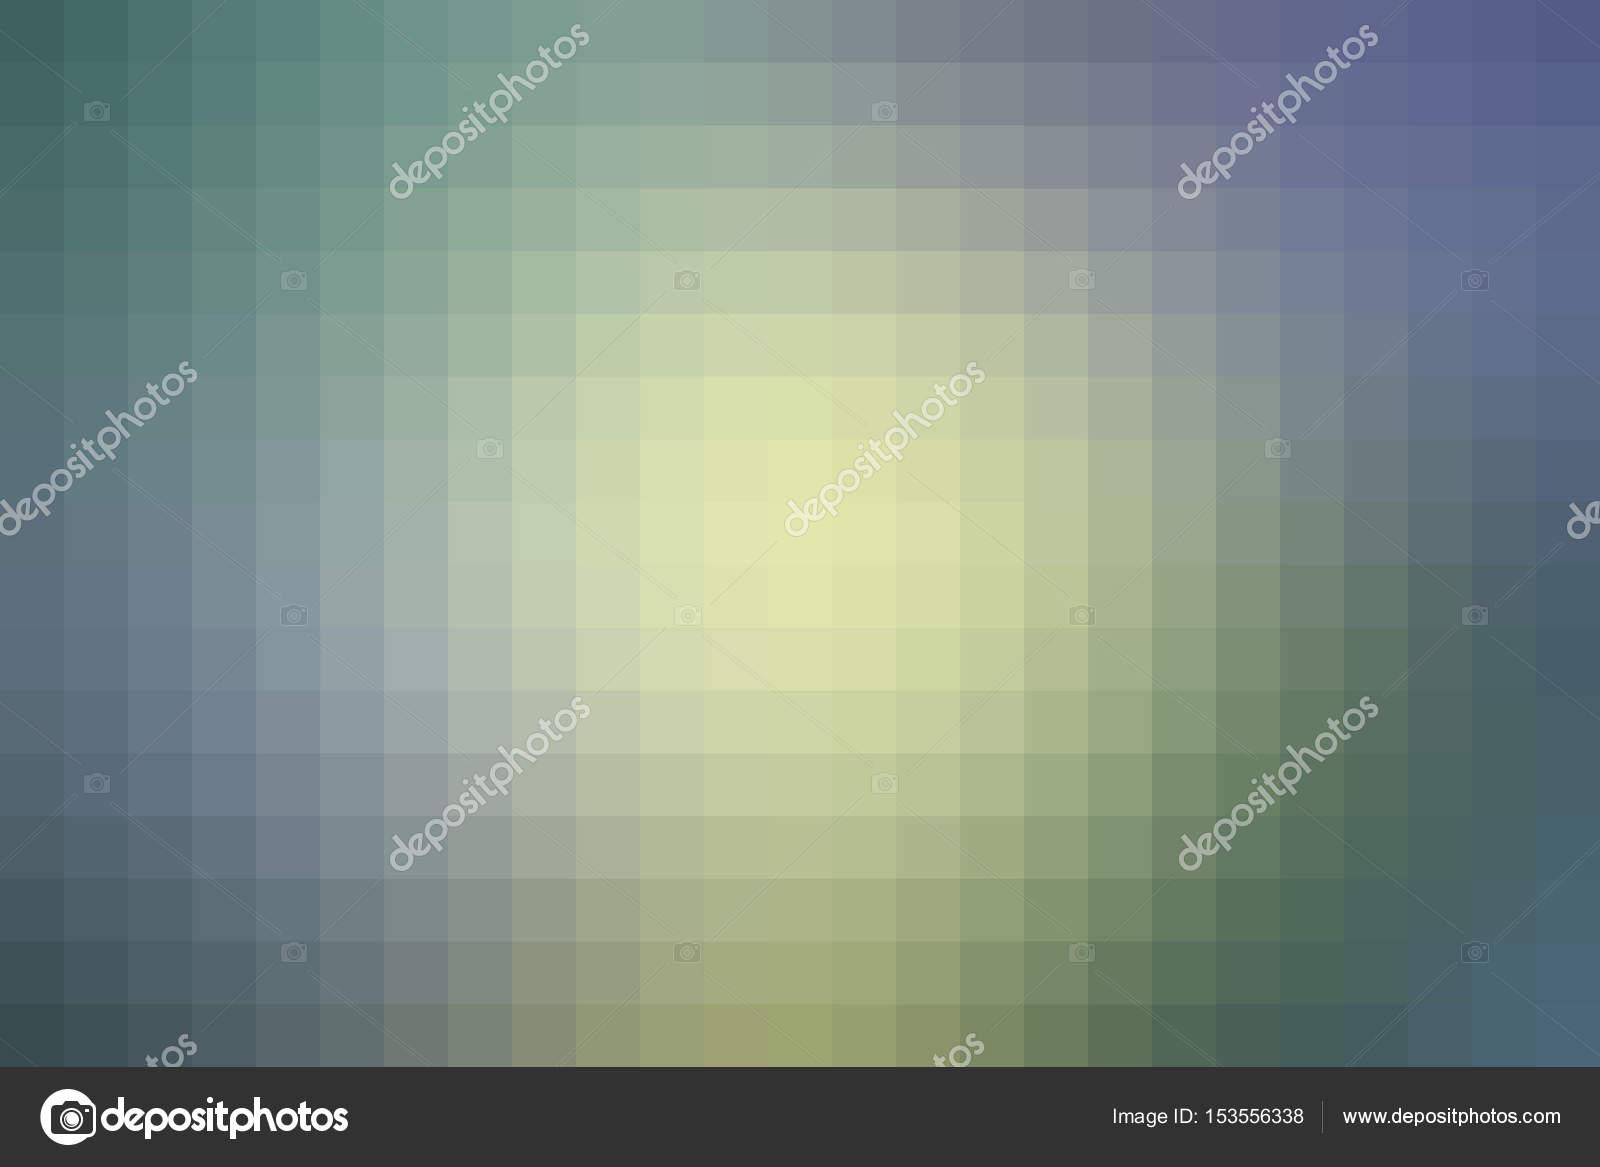 Quadratischen Fliesen Hintergrund Gelb Lila Grau Mosaik - Fliesen grau quadratisch